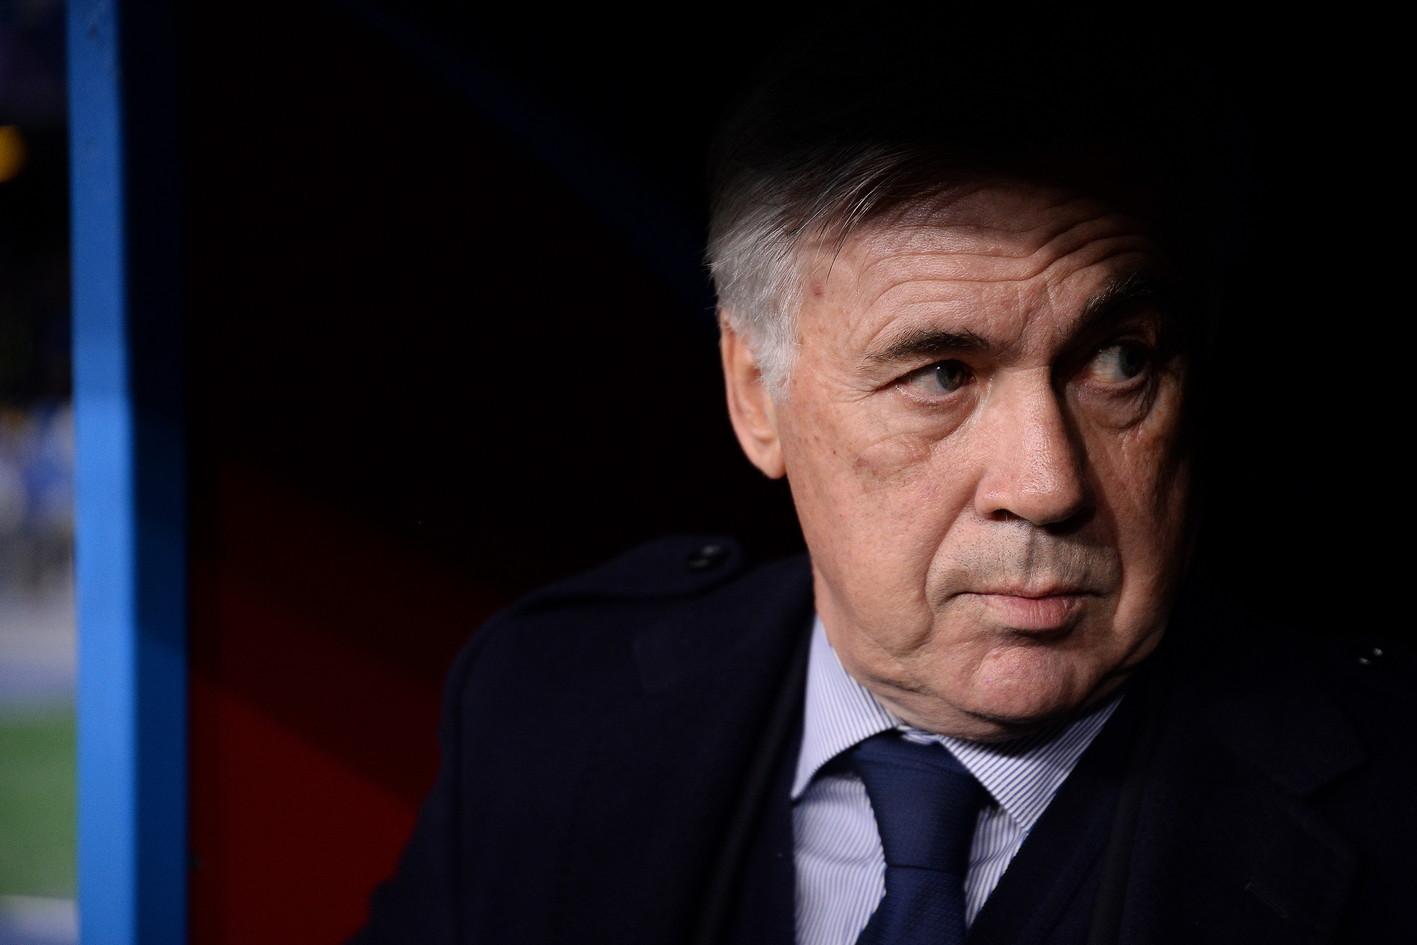 """Ancelotti: """"L'ho preso a calci tante volte per provare a contenerlo, ma non si è mai lamentato"""""""